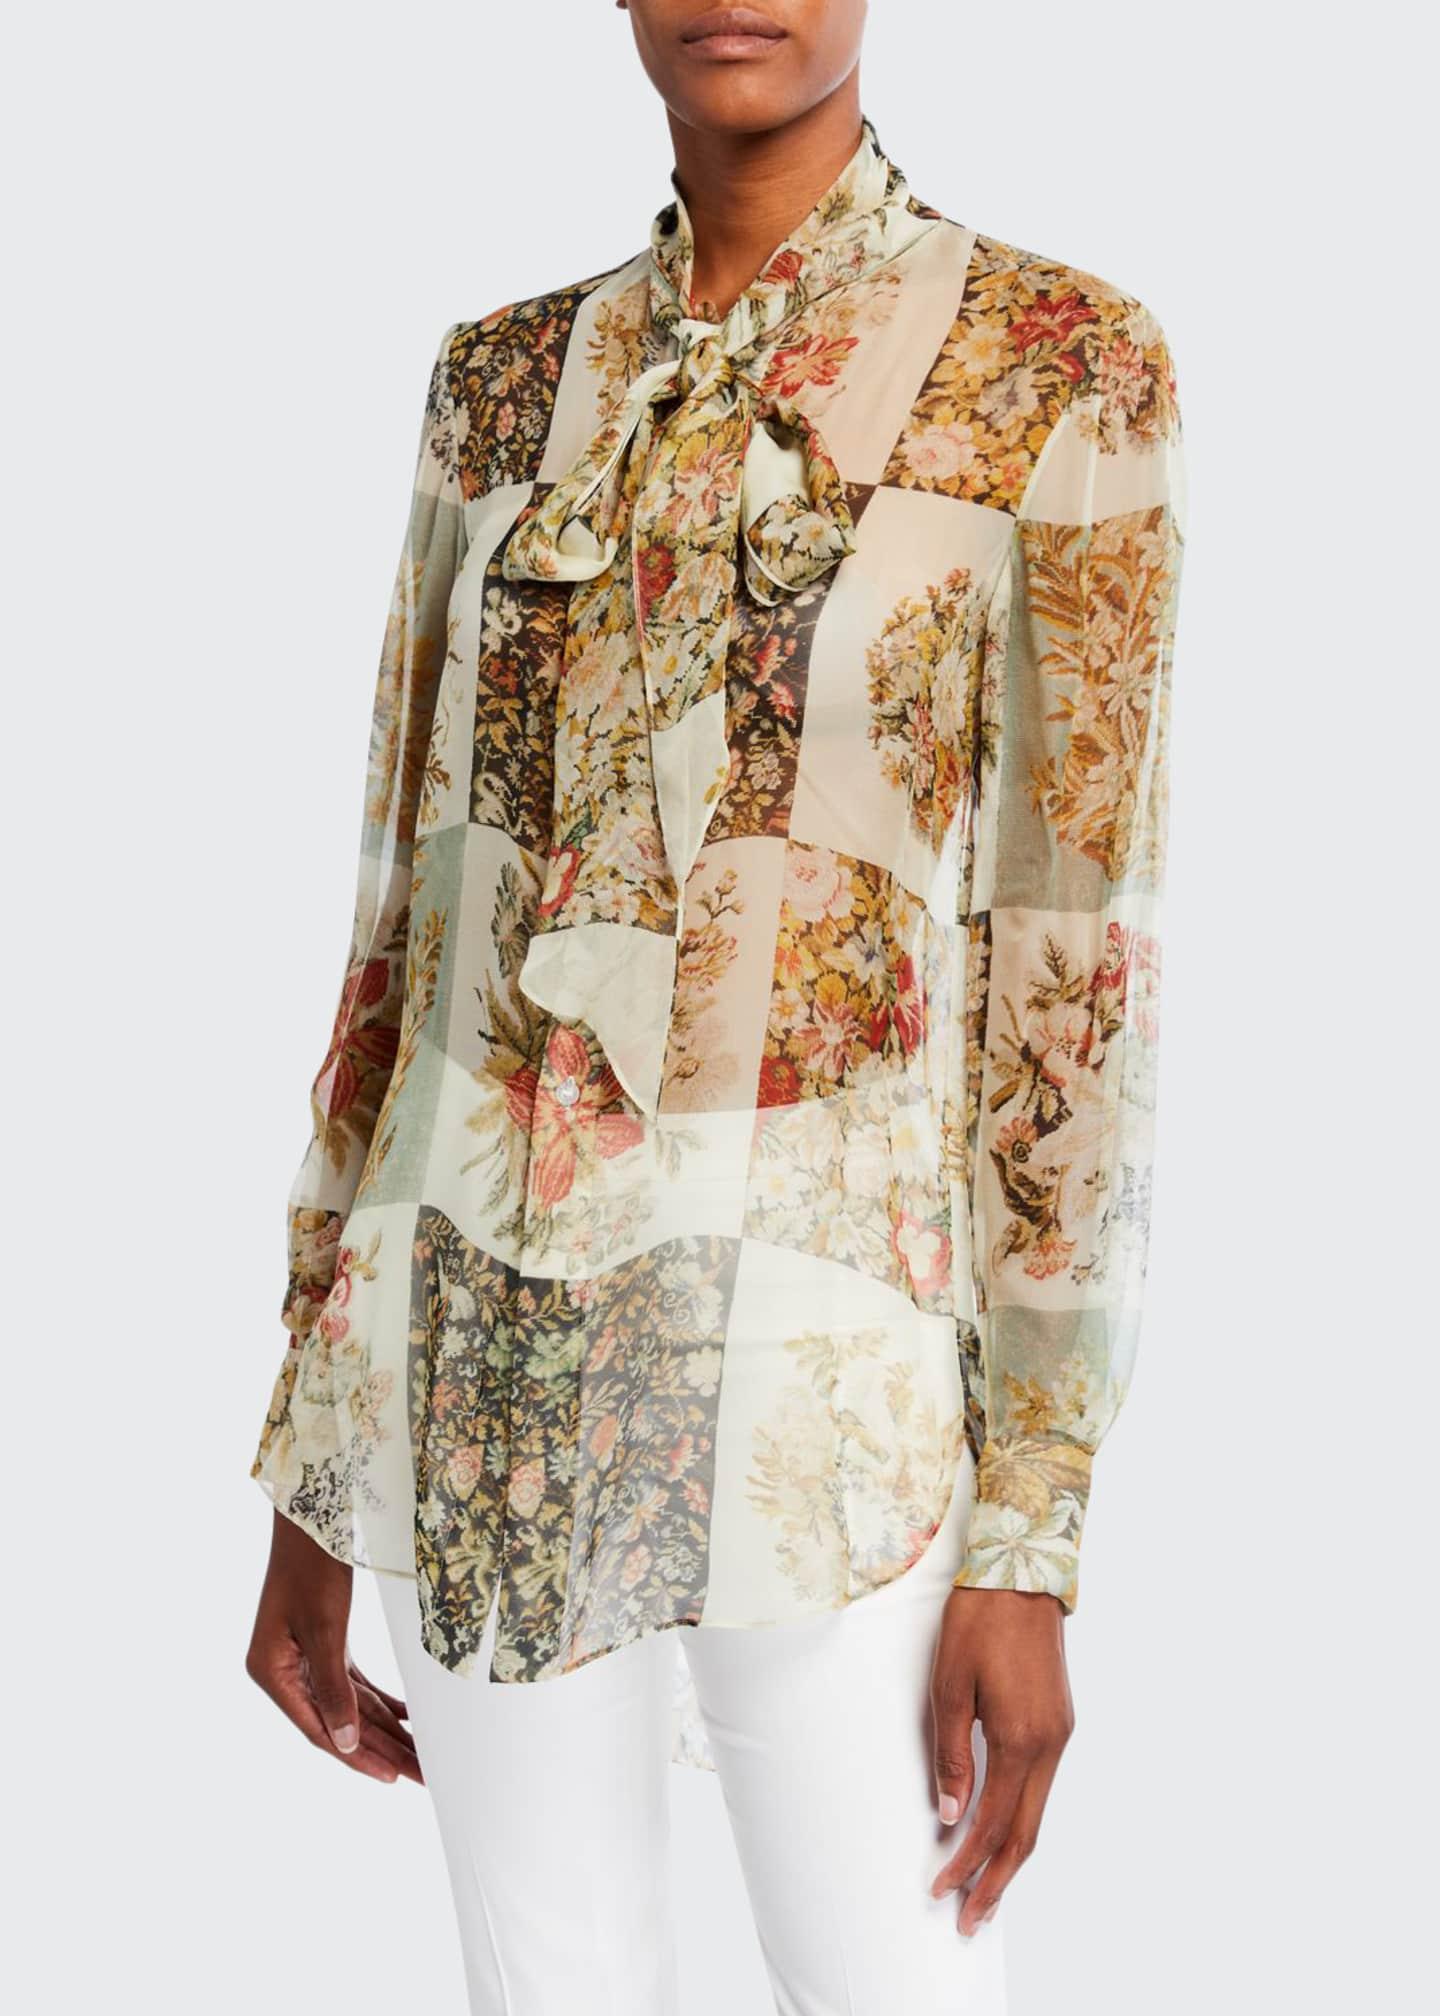 Oscar de la Renta Floral Patchwork-Print Chiffon Tie-Neck